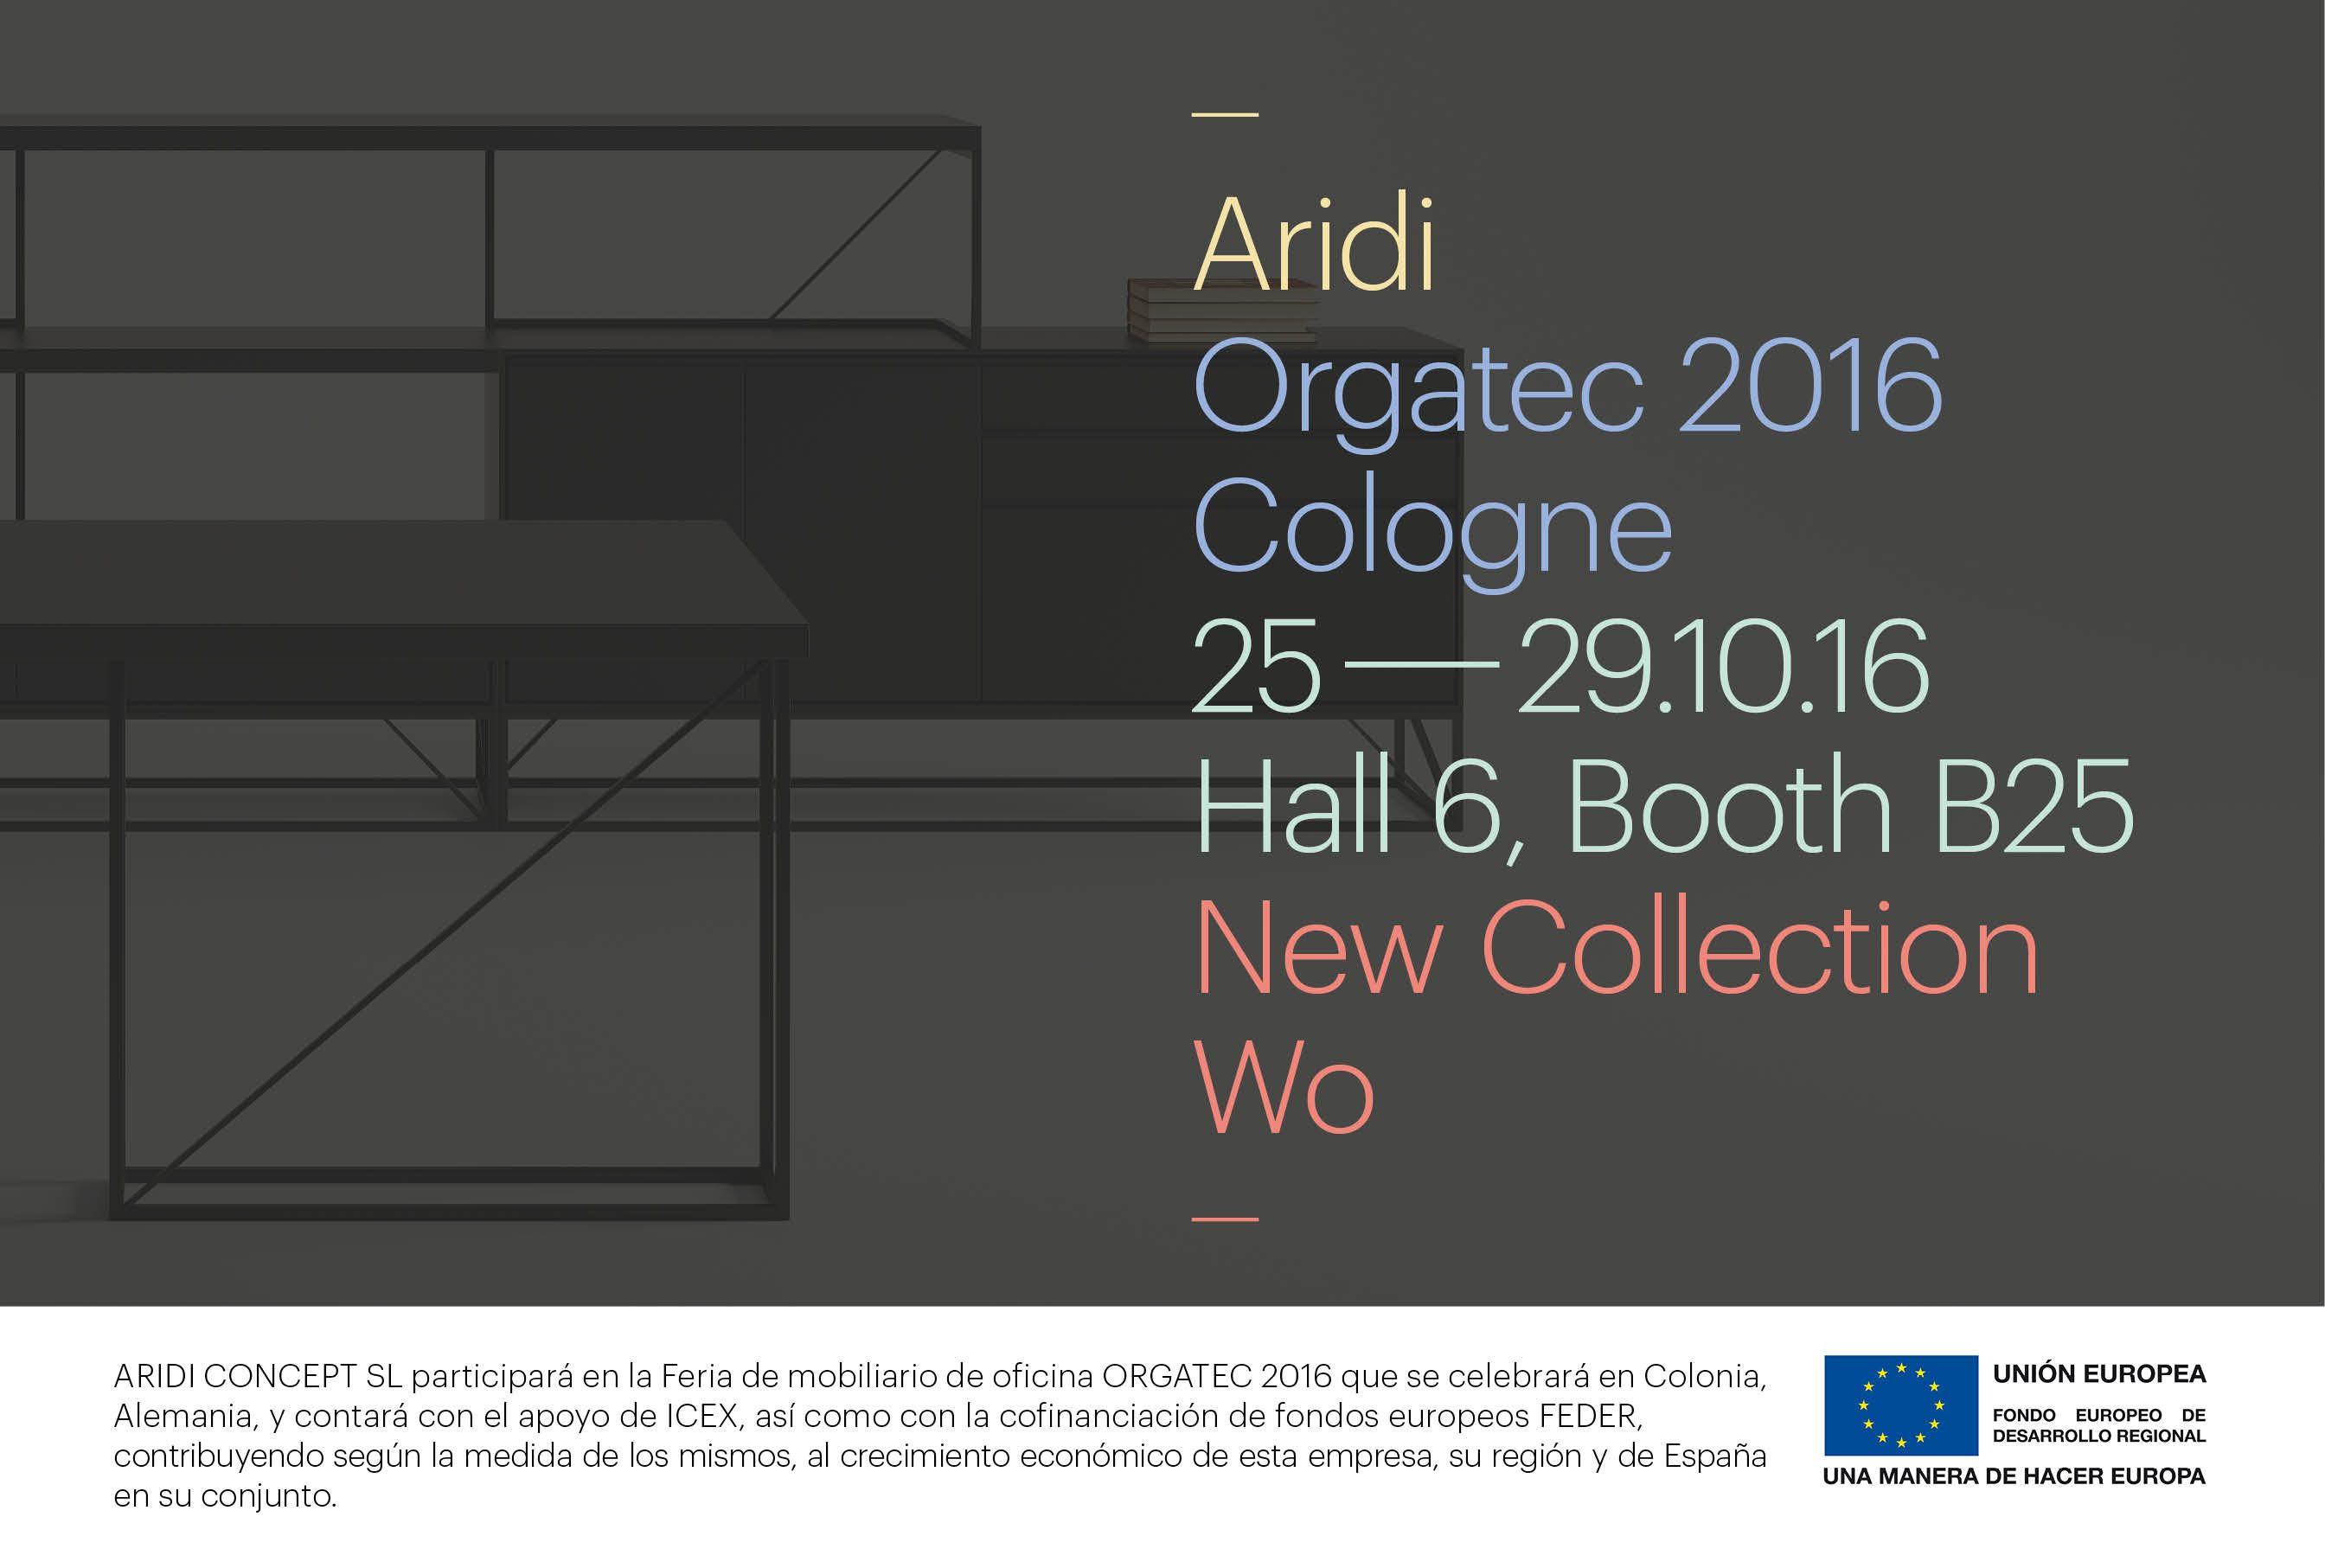 Aridi presenta su nueva colección WO en Orgatec 2016